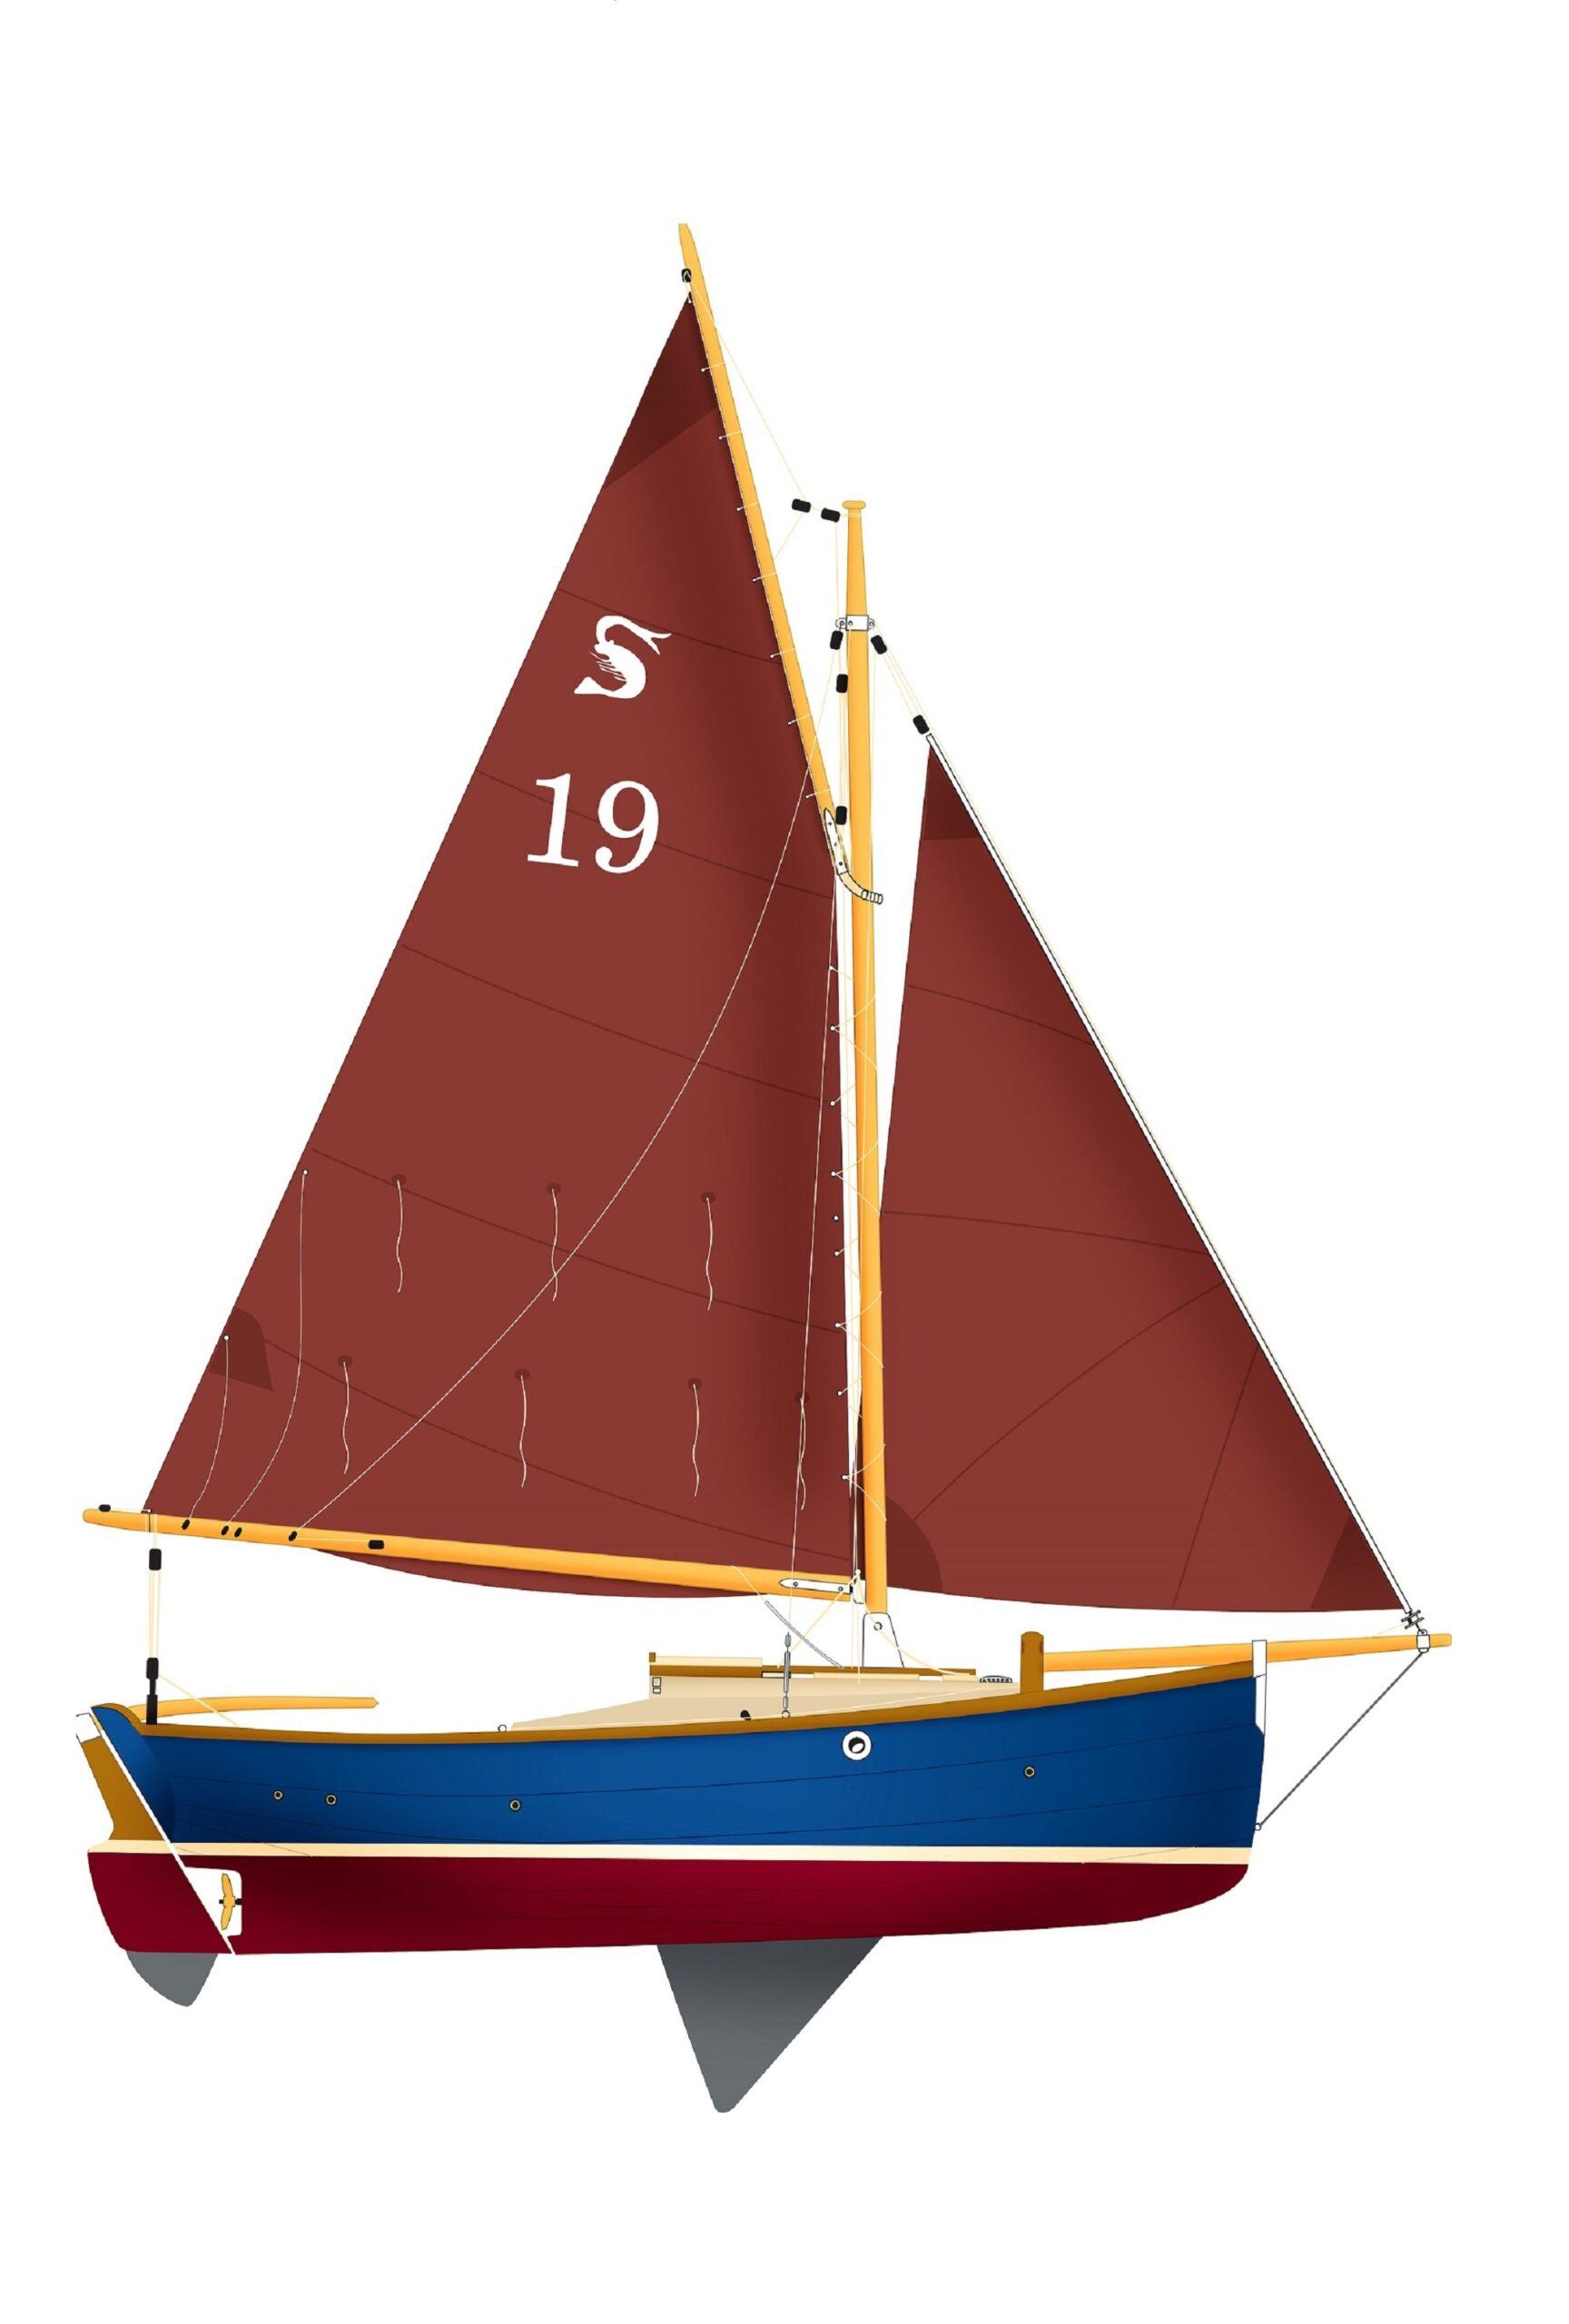 shrimper19-dessin-ligne-échelle